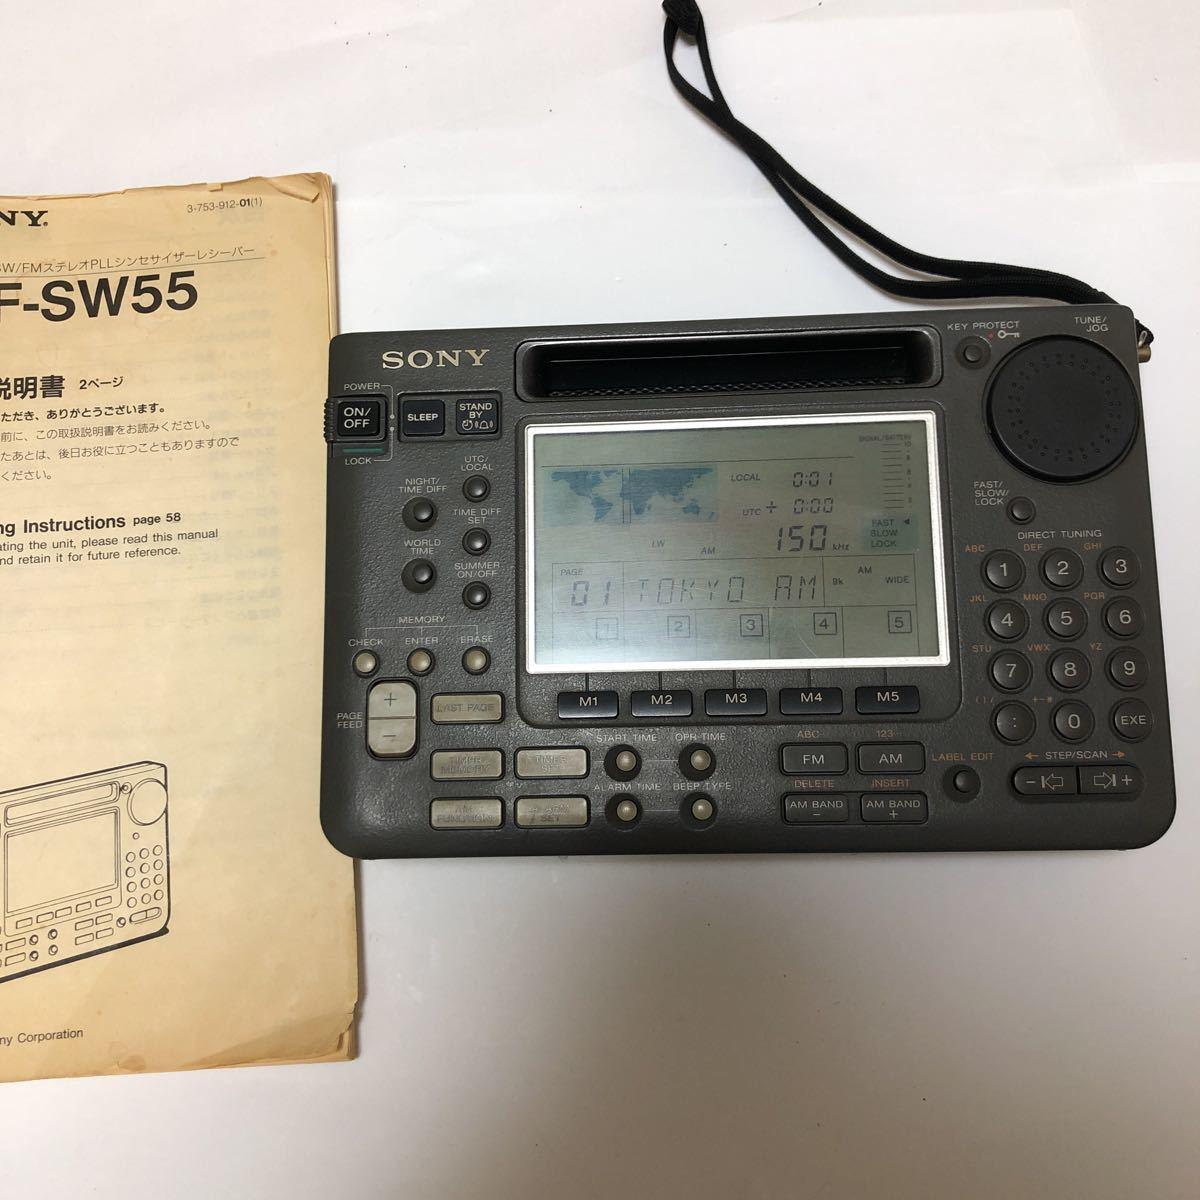 【ジャンク】SONY/ソニー ICF-SW55 ラジオ